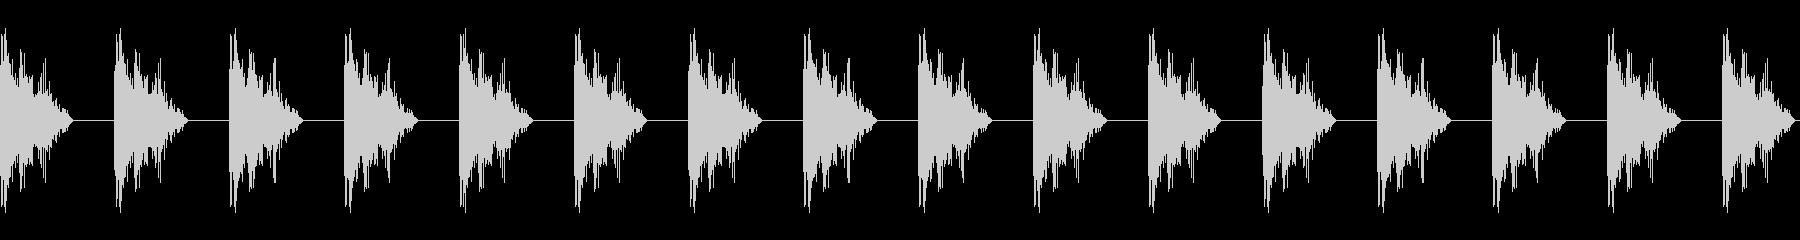 カタカタ音 カタカタした音 の未再生の波形